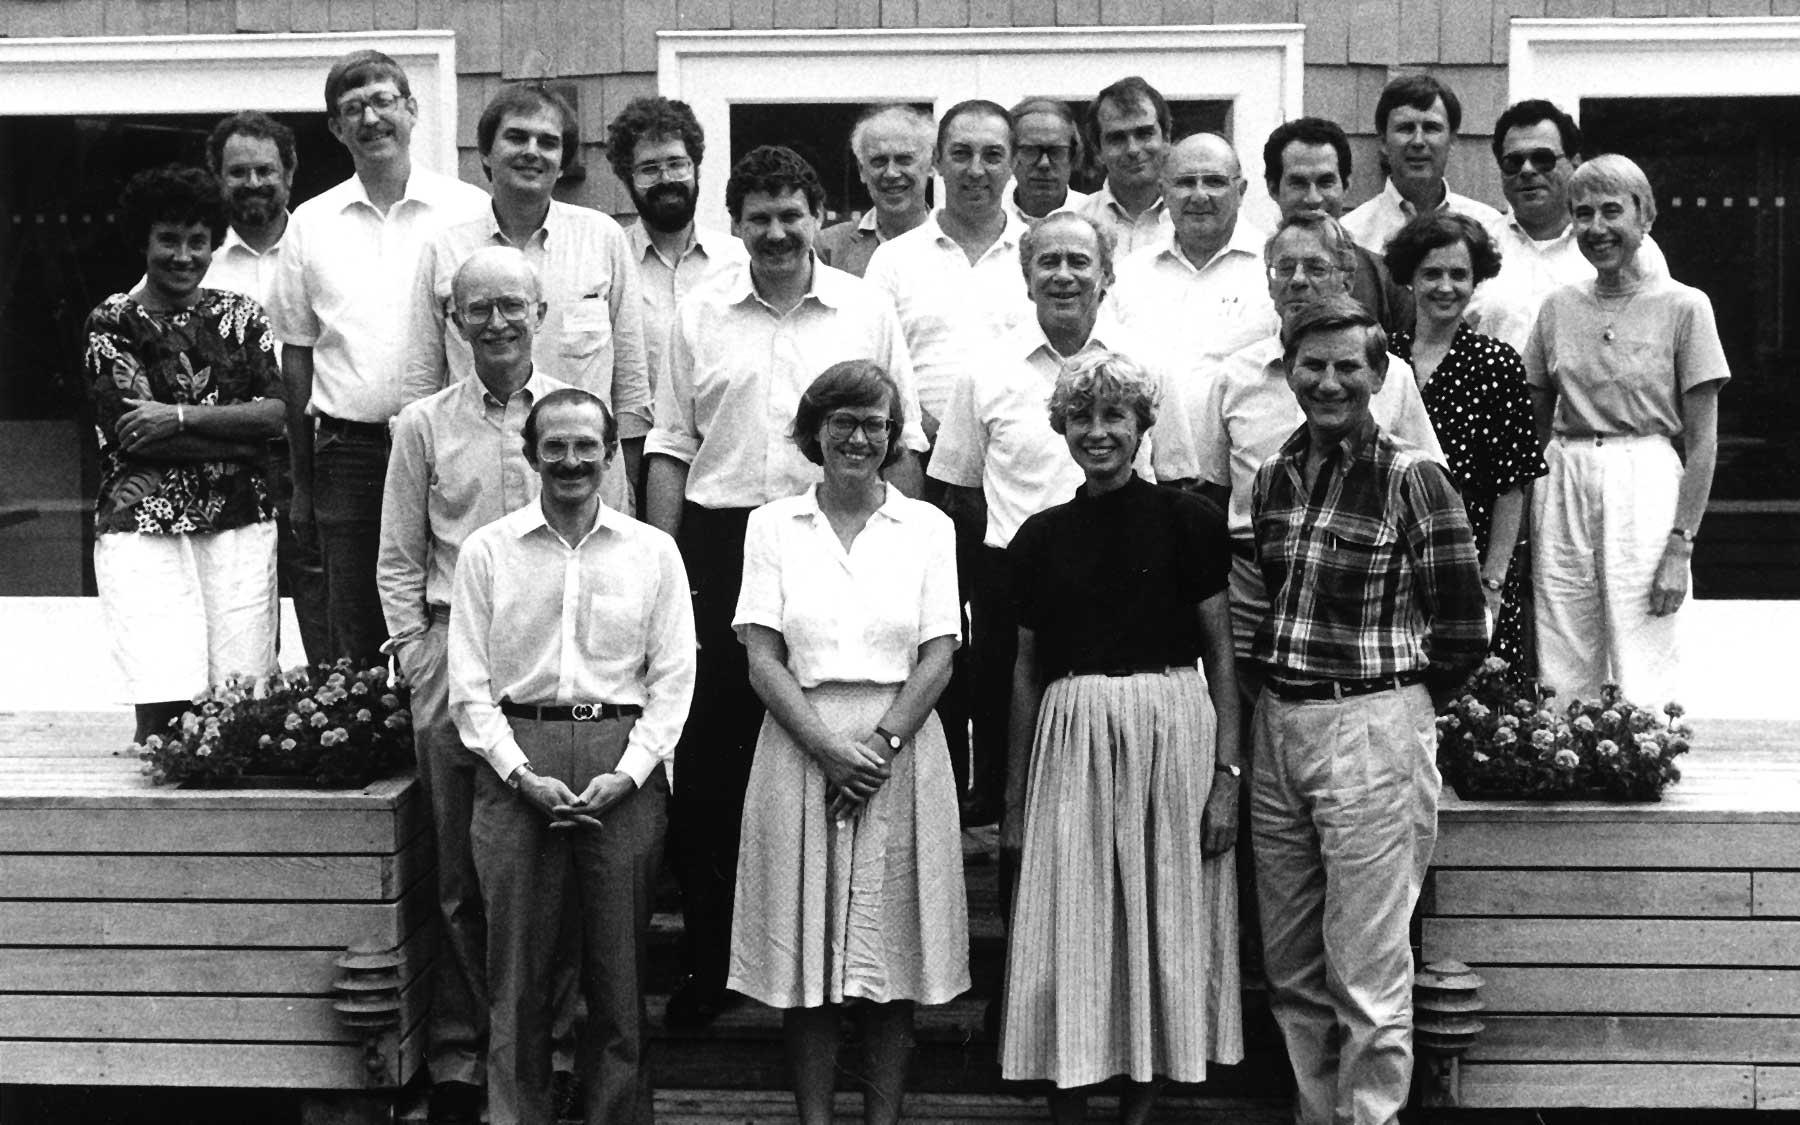 NIH DOE Genome Meeting 1989